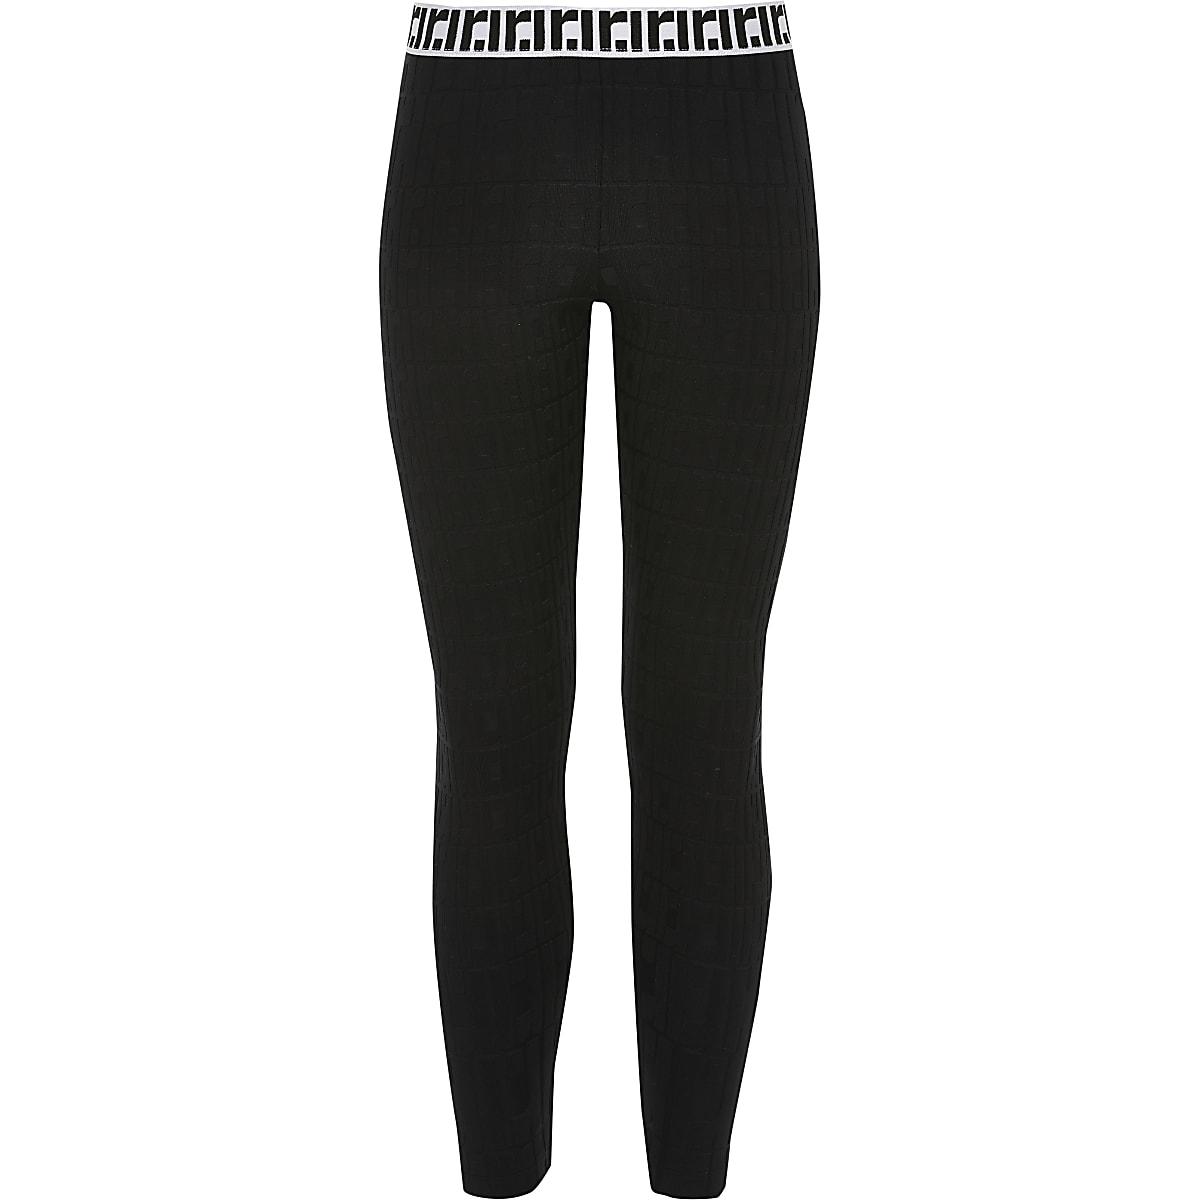 Zwarte legging met RI-monogram voor meisjes